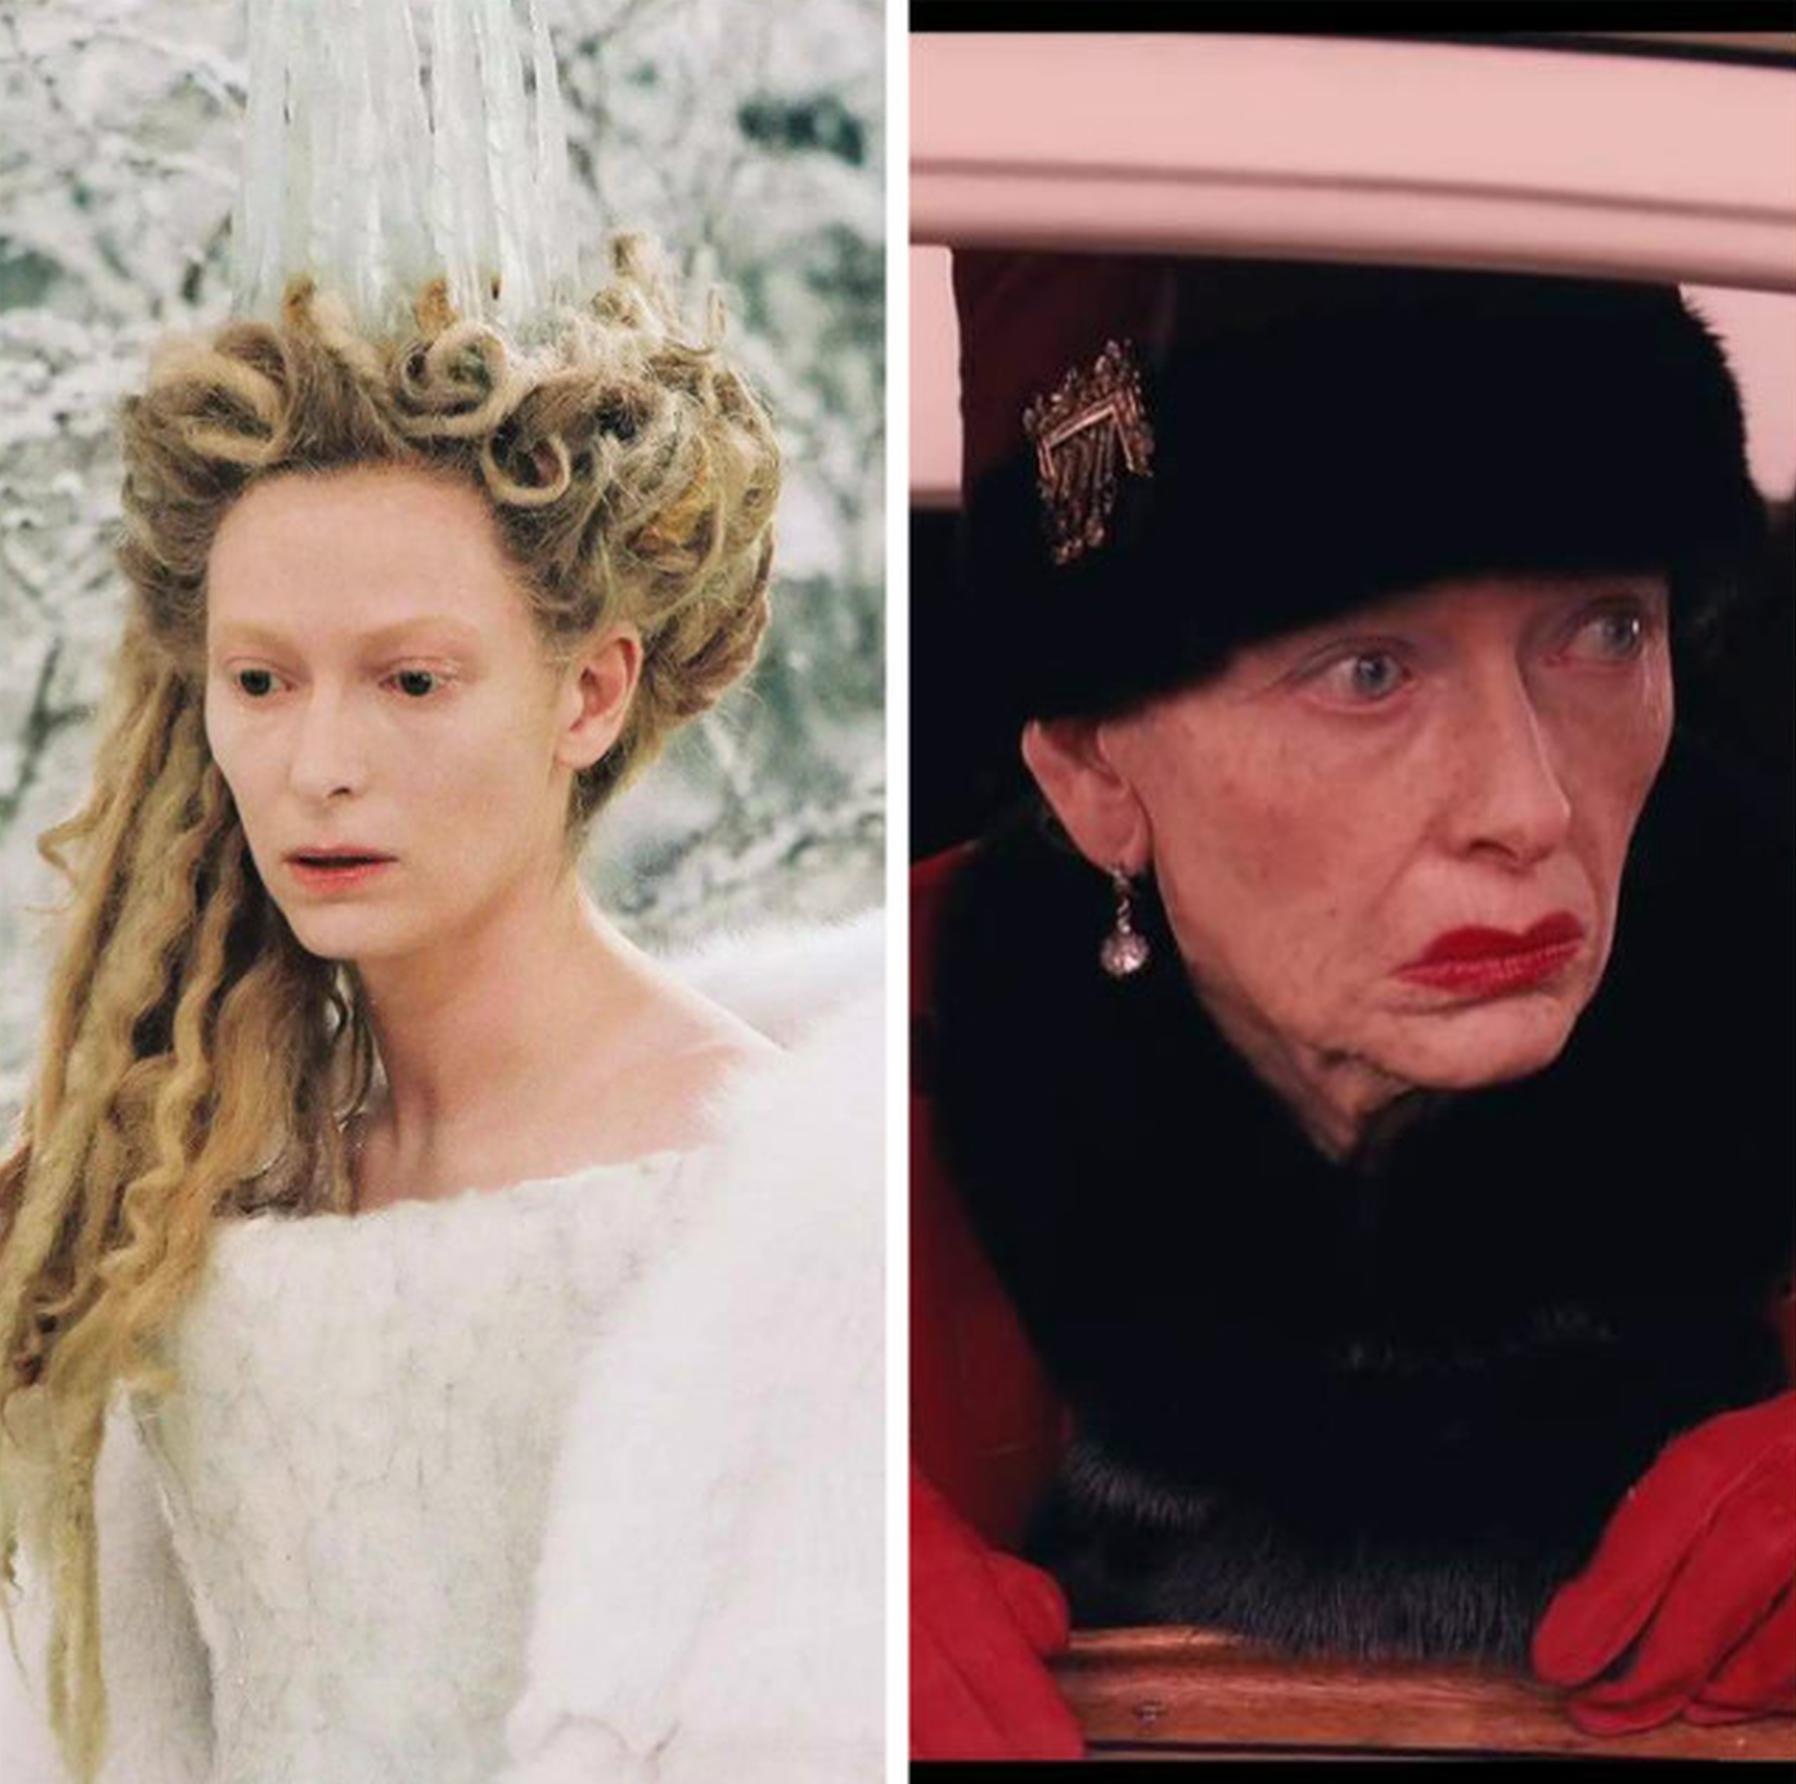 左:蒂尔达饰演《纳尼亚传奇》白女巫 右:蒂尔达饰演《布达佩斯大饭店》老妇人